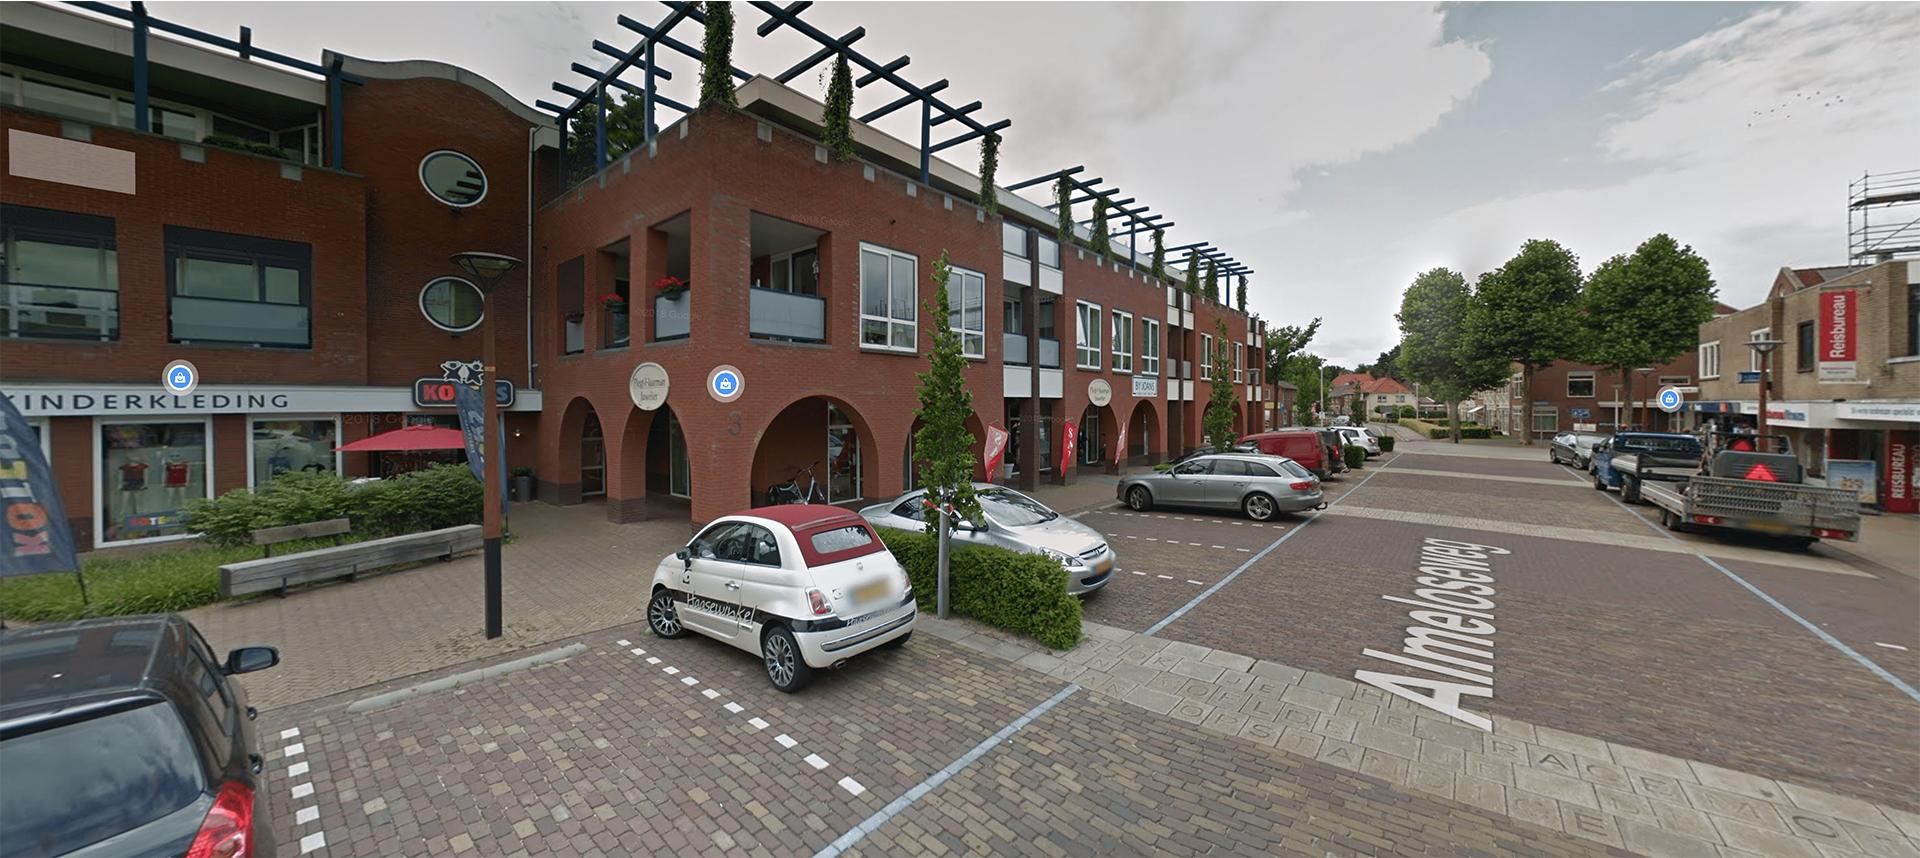 Almeloseweg-3-Tubbergen-gratis-parkeren